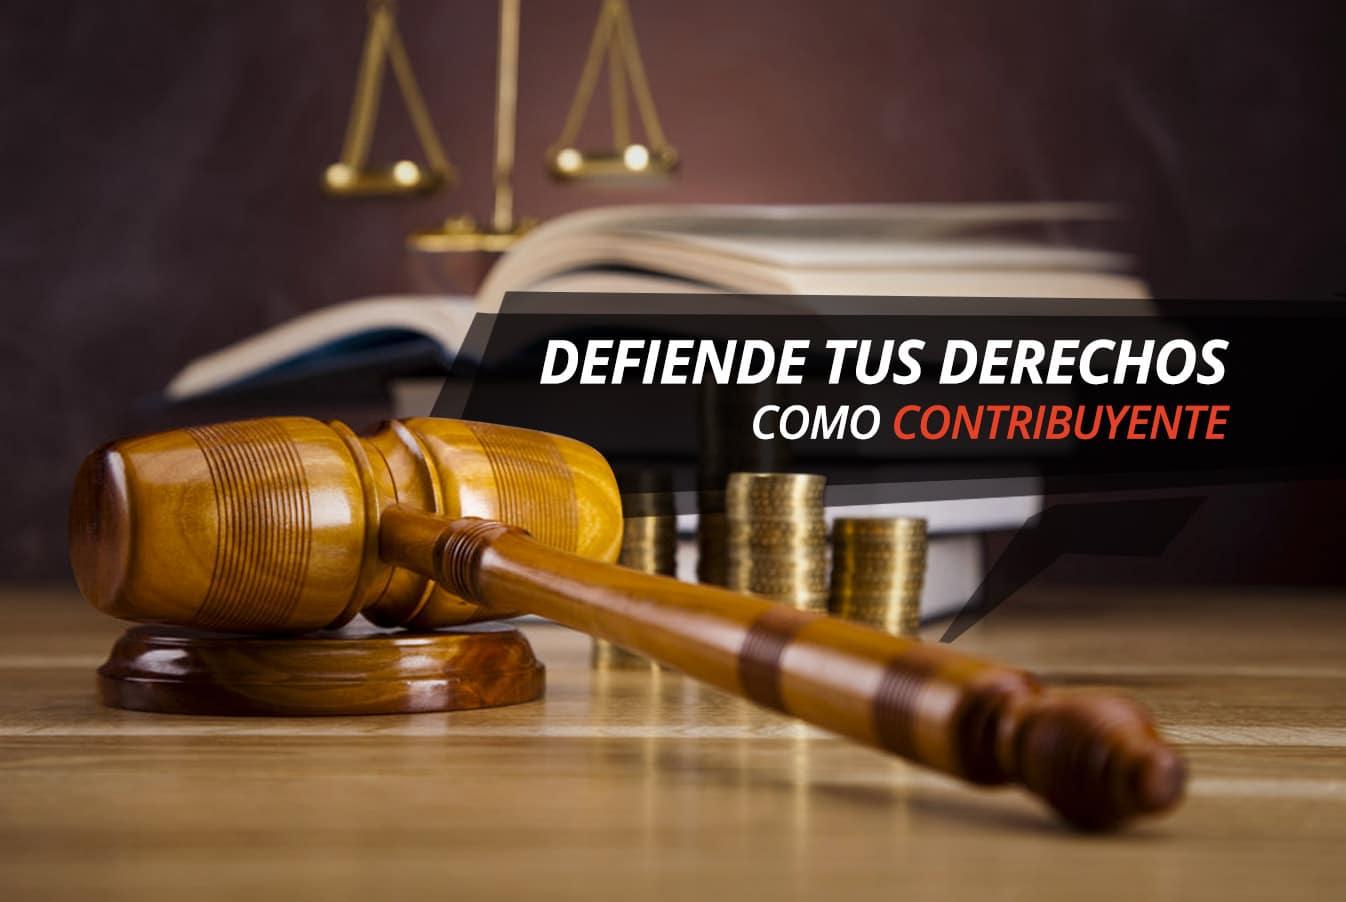 Las leyes fiscales establecen medios de defensa tributaría, defiende tus derechos como contribuyente al momento de que los mismos han sido violados.